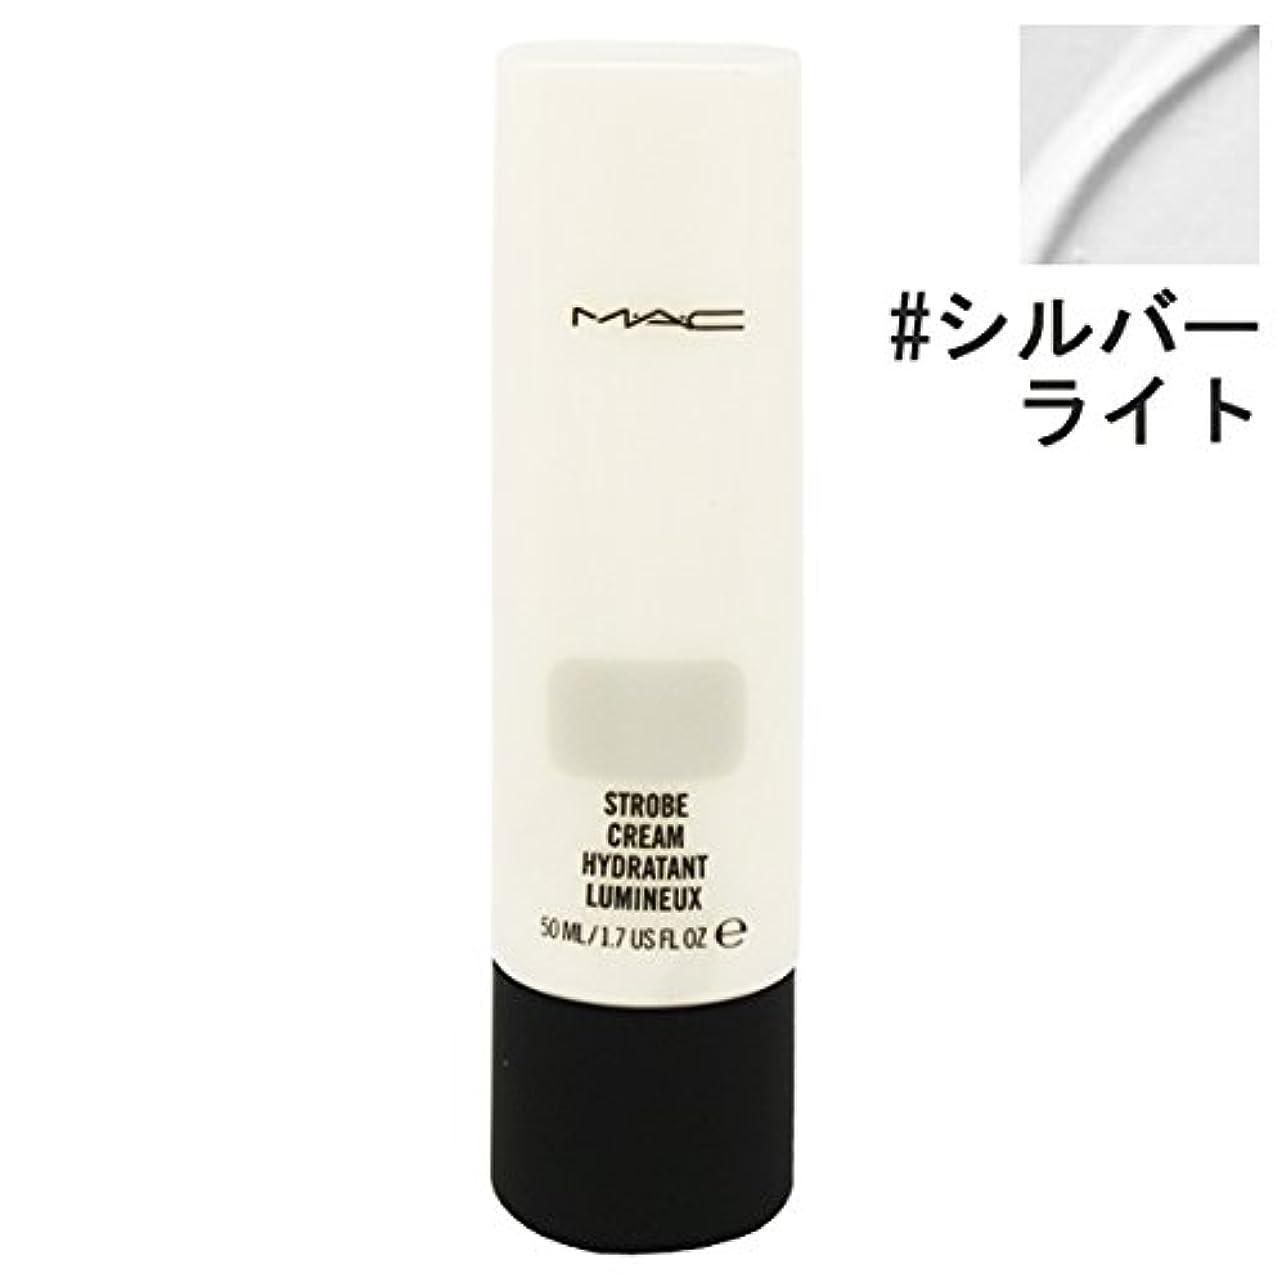 セーブホーム猛烈なマック(MAC) ストロボ クリーム シルバー ライト/Silver Light 50ml [並行輸入品]